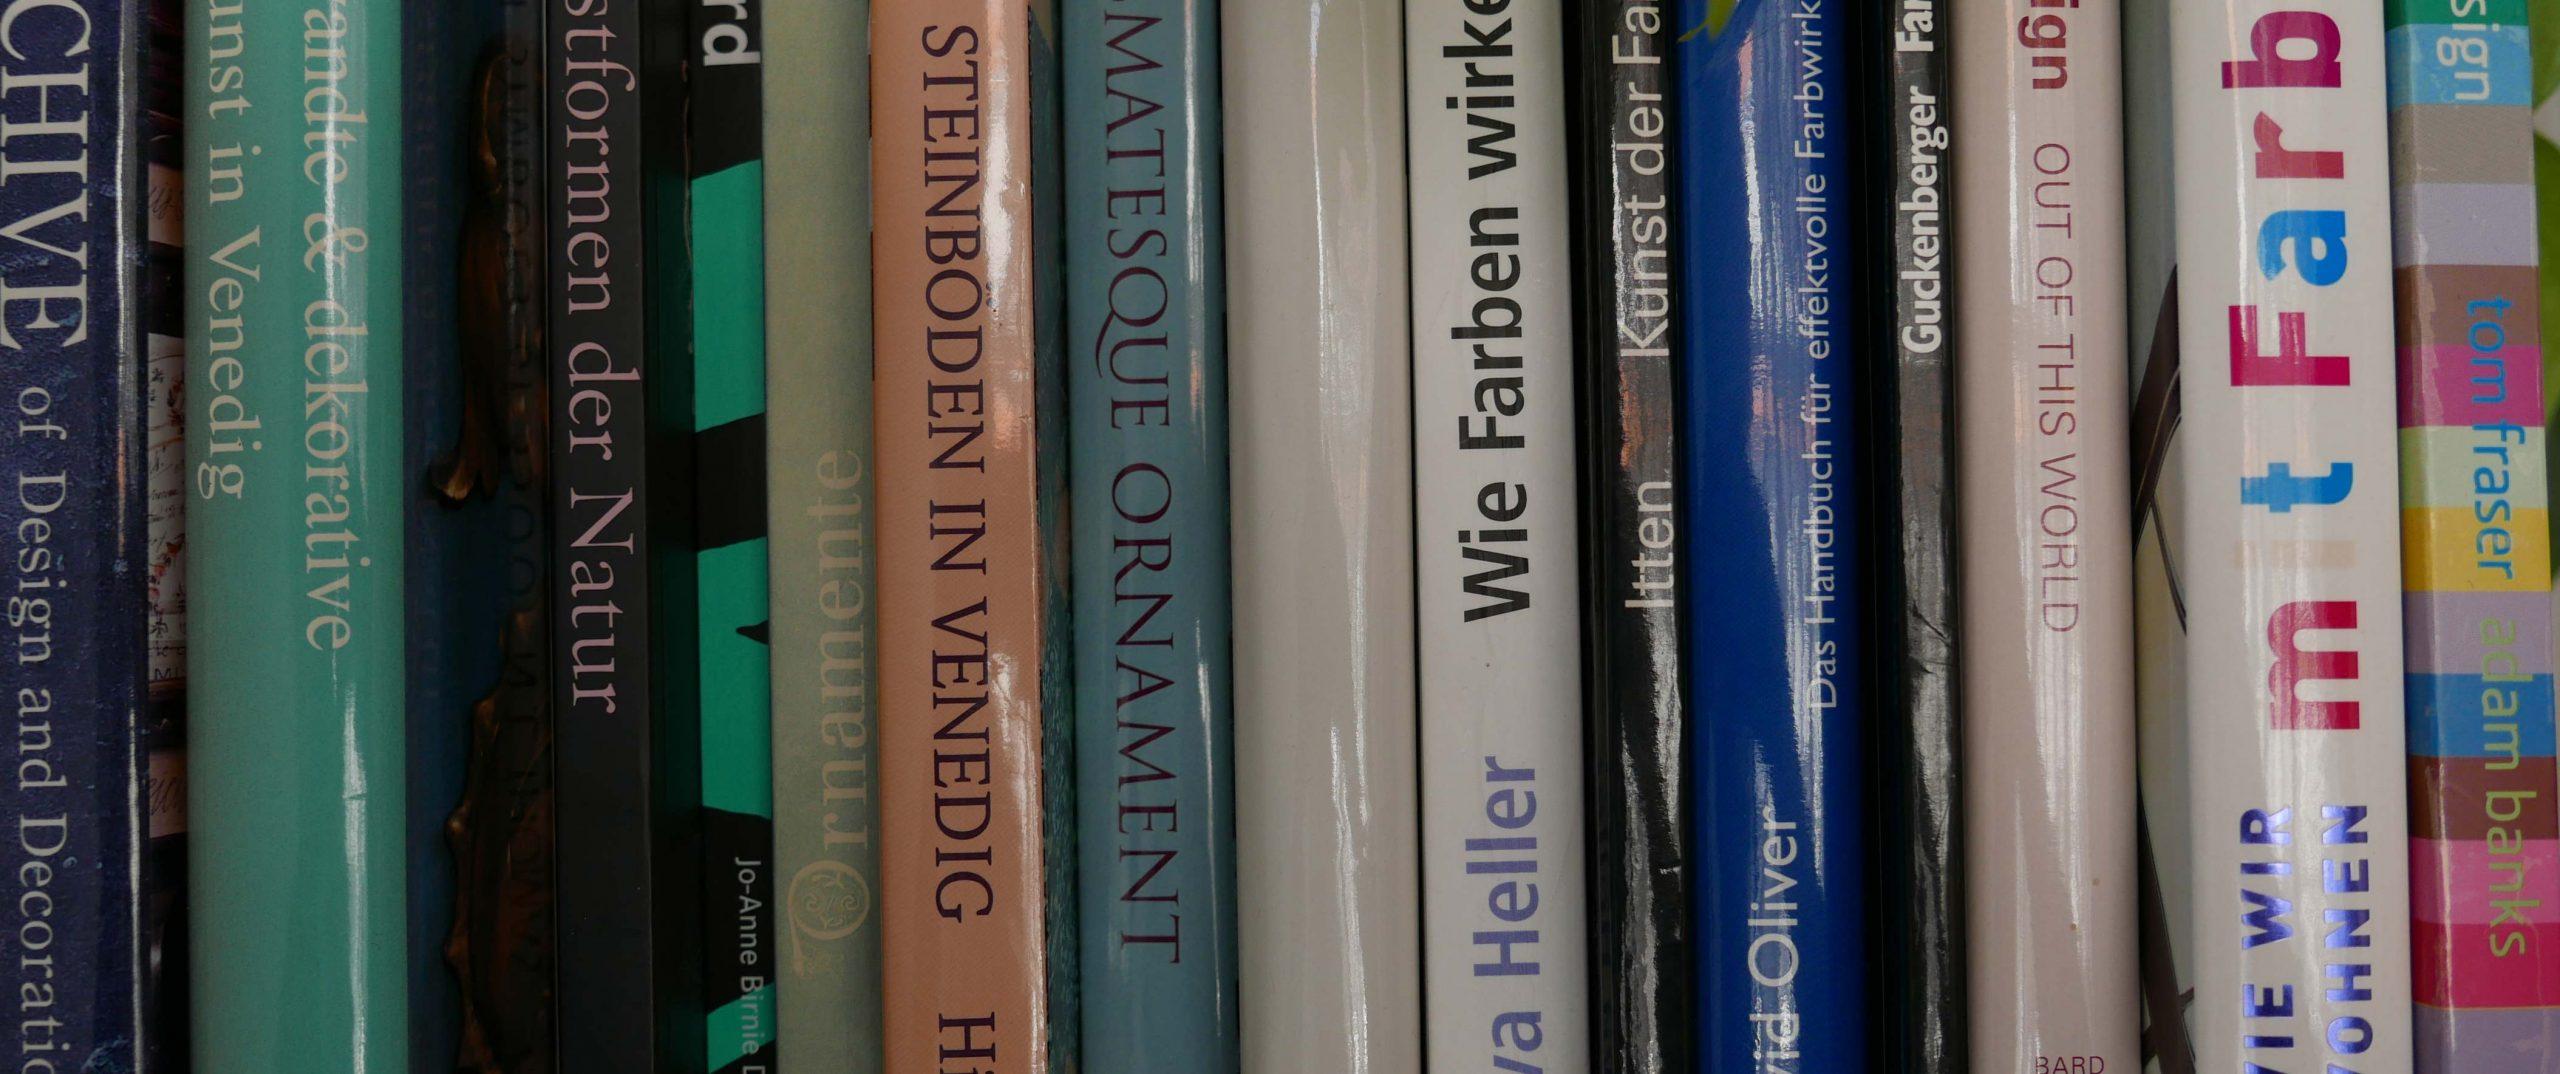 leben mit Büchern am schlimmsten sind Umzüge der Bildbände